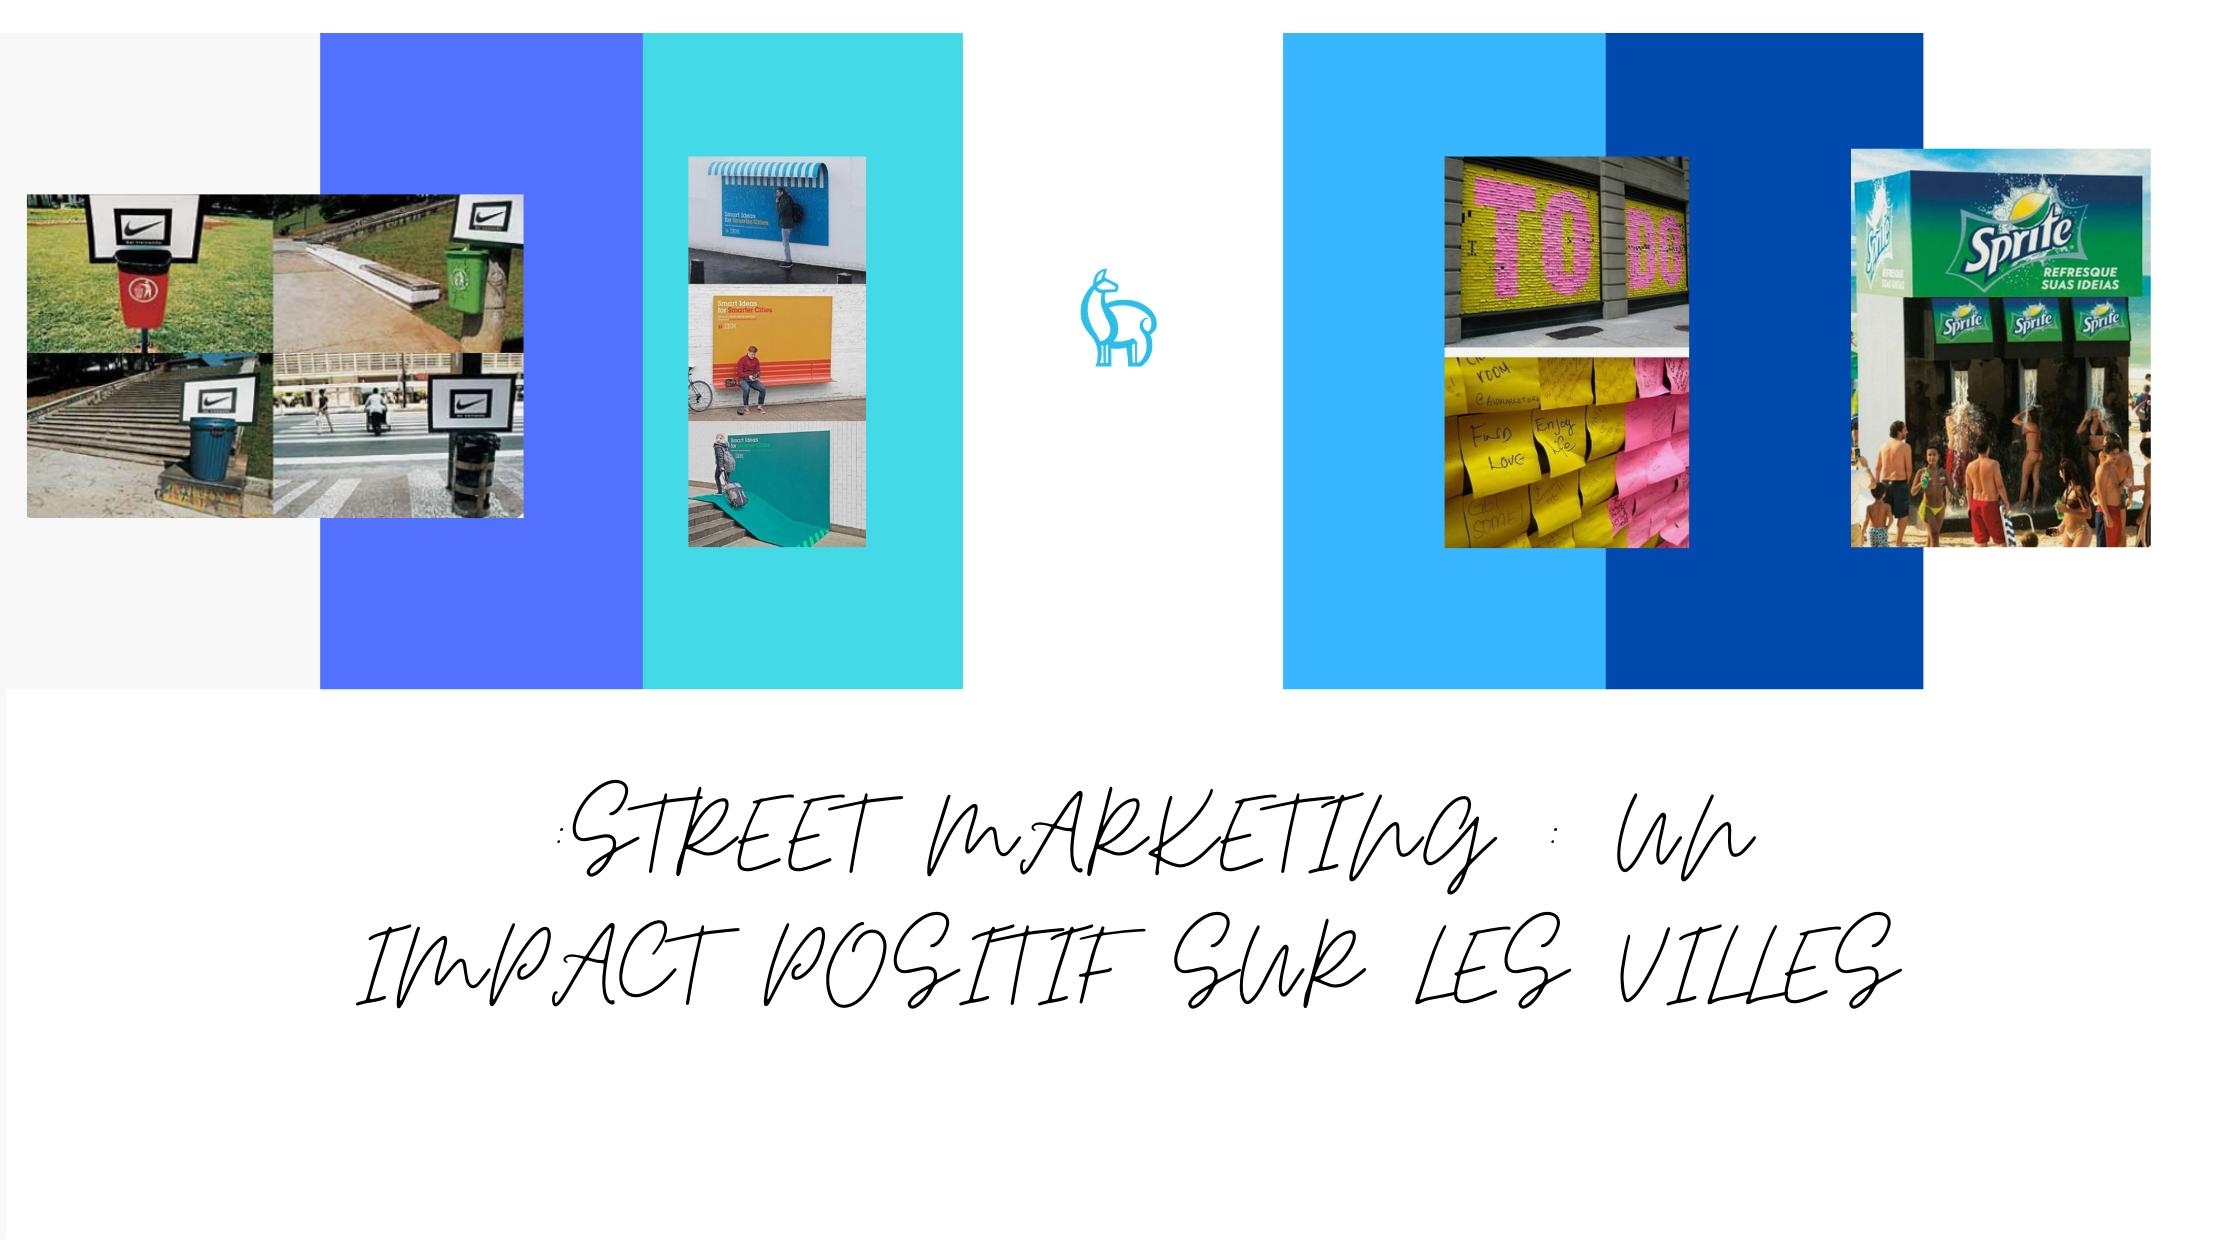 Comment le street marketing peut avoir un impact positif sur les villes ?